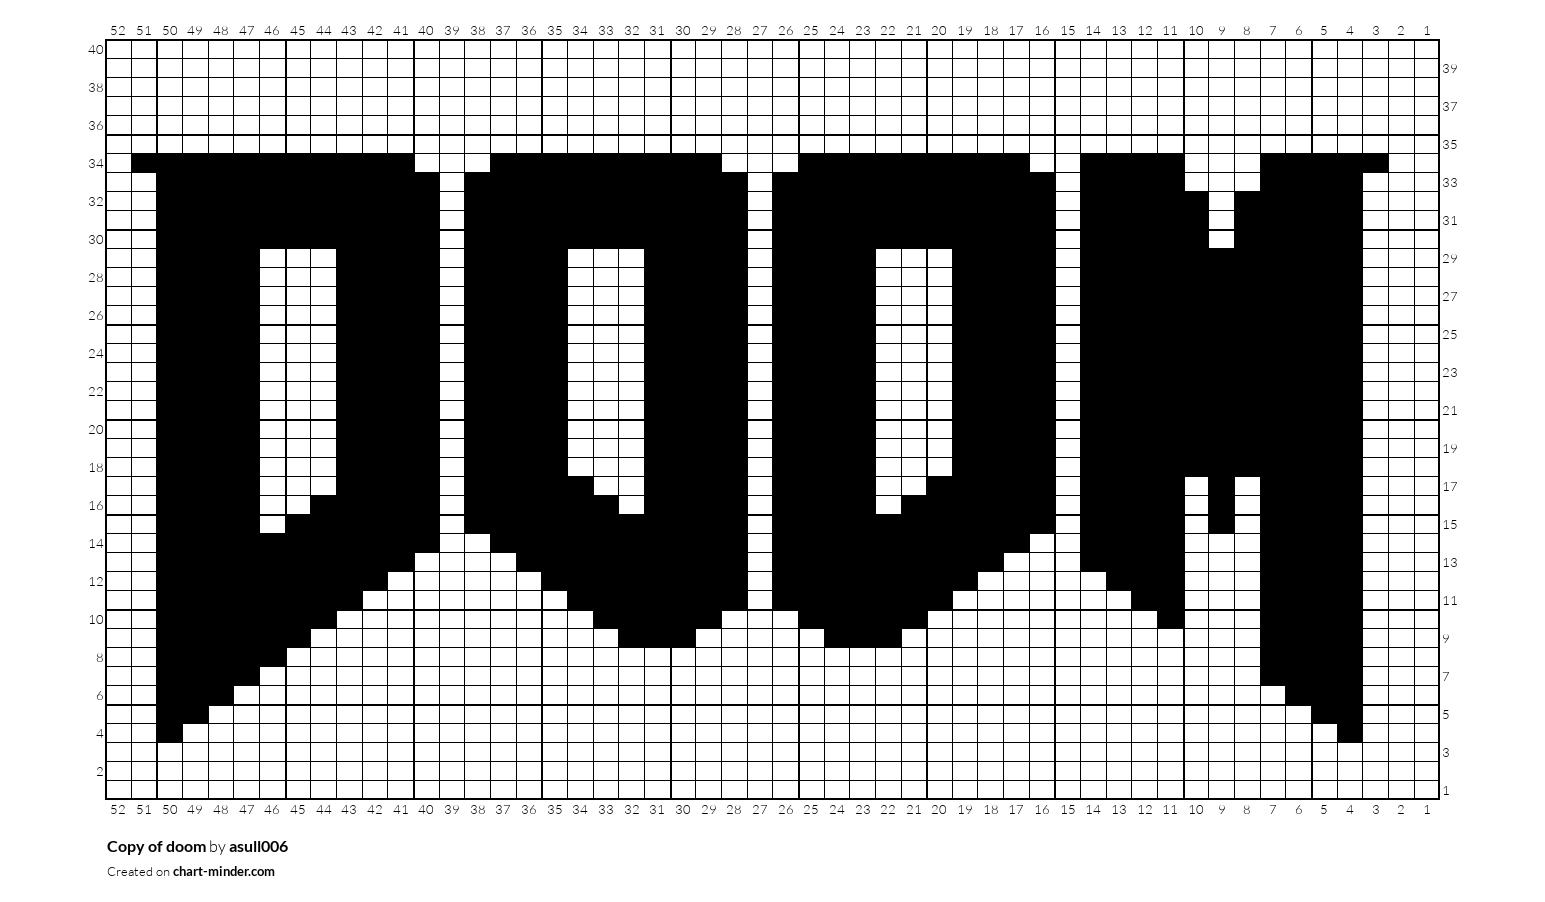 Copy of doom